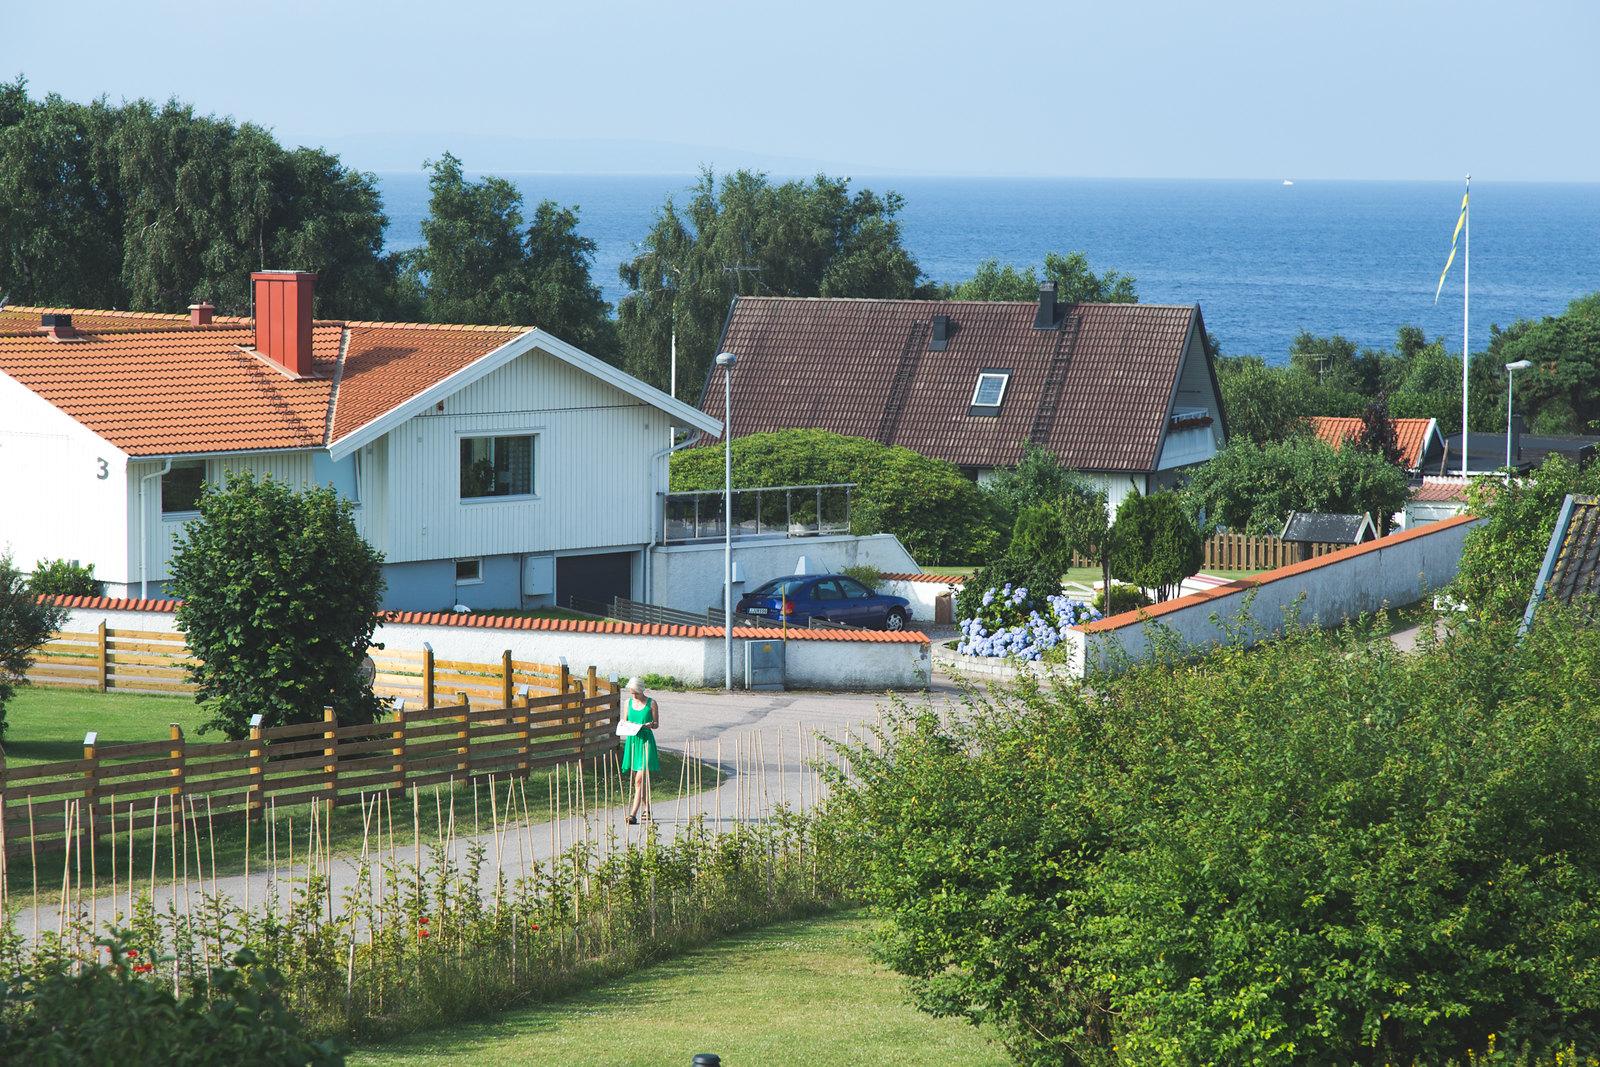 Summer in Halmstad